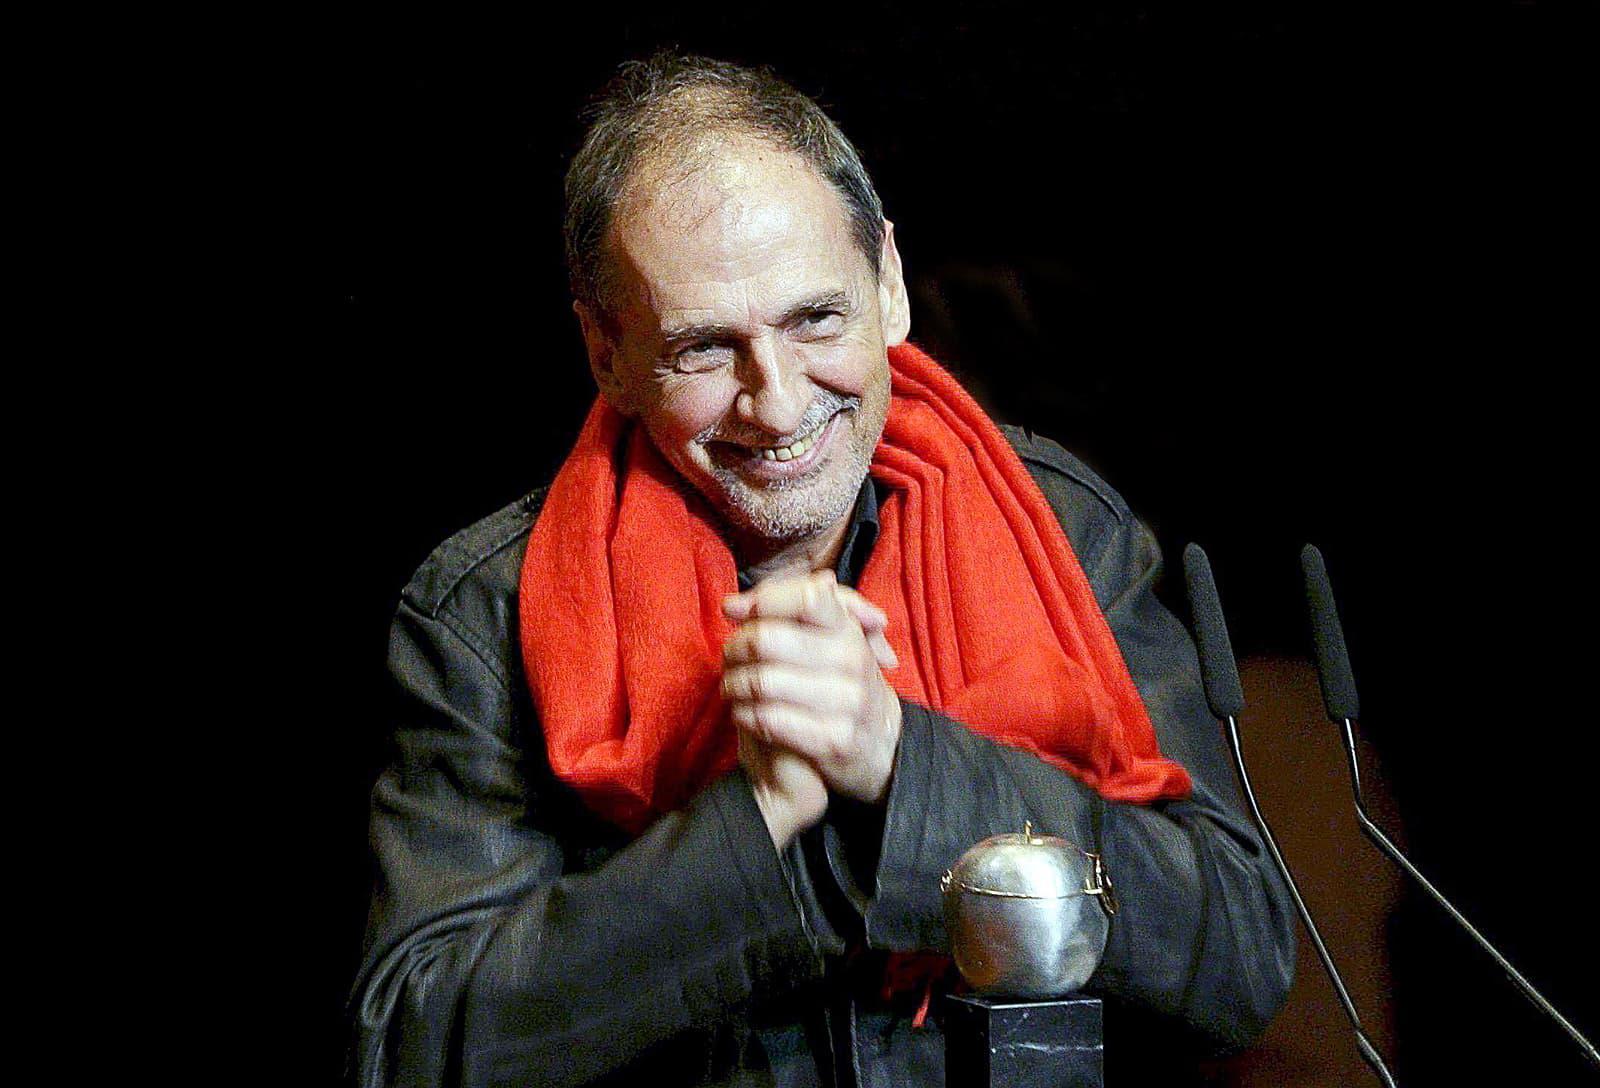 Josep Maria Benet i Jornet rebent el premi Max de teatre el 2010 a Madrid. Fotografia d'Alberto Martín. Efe